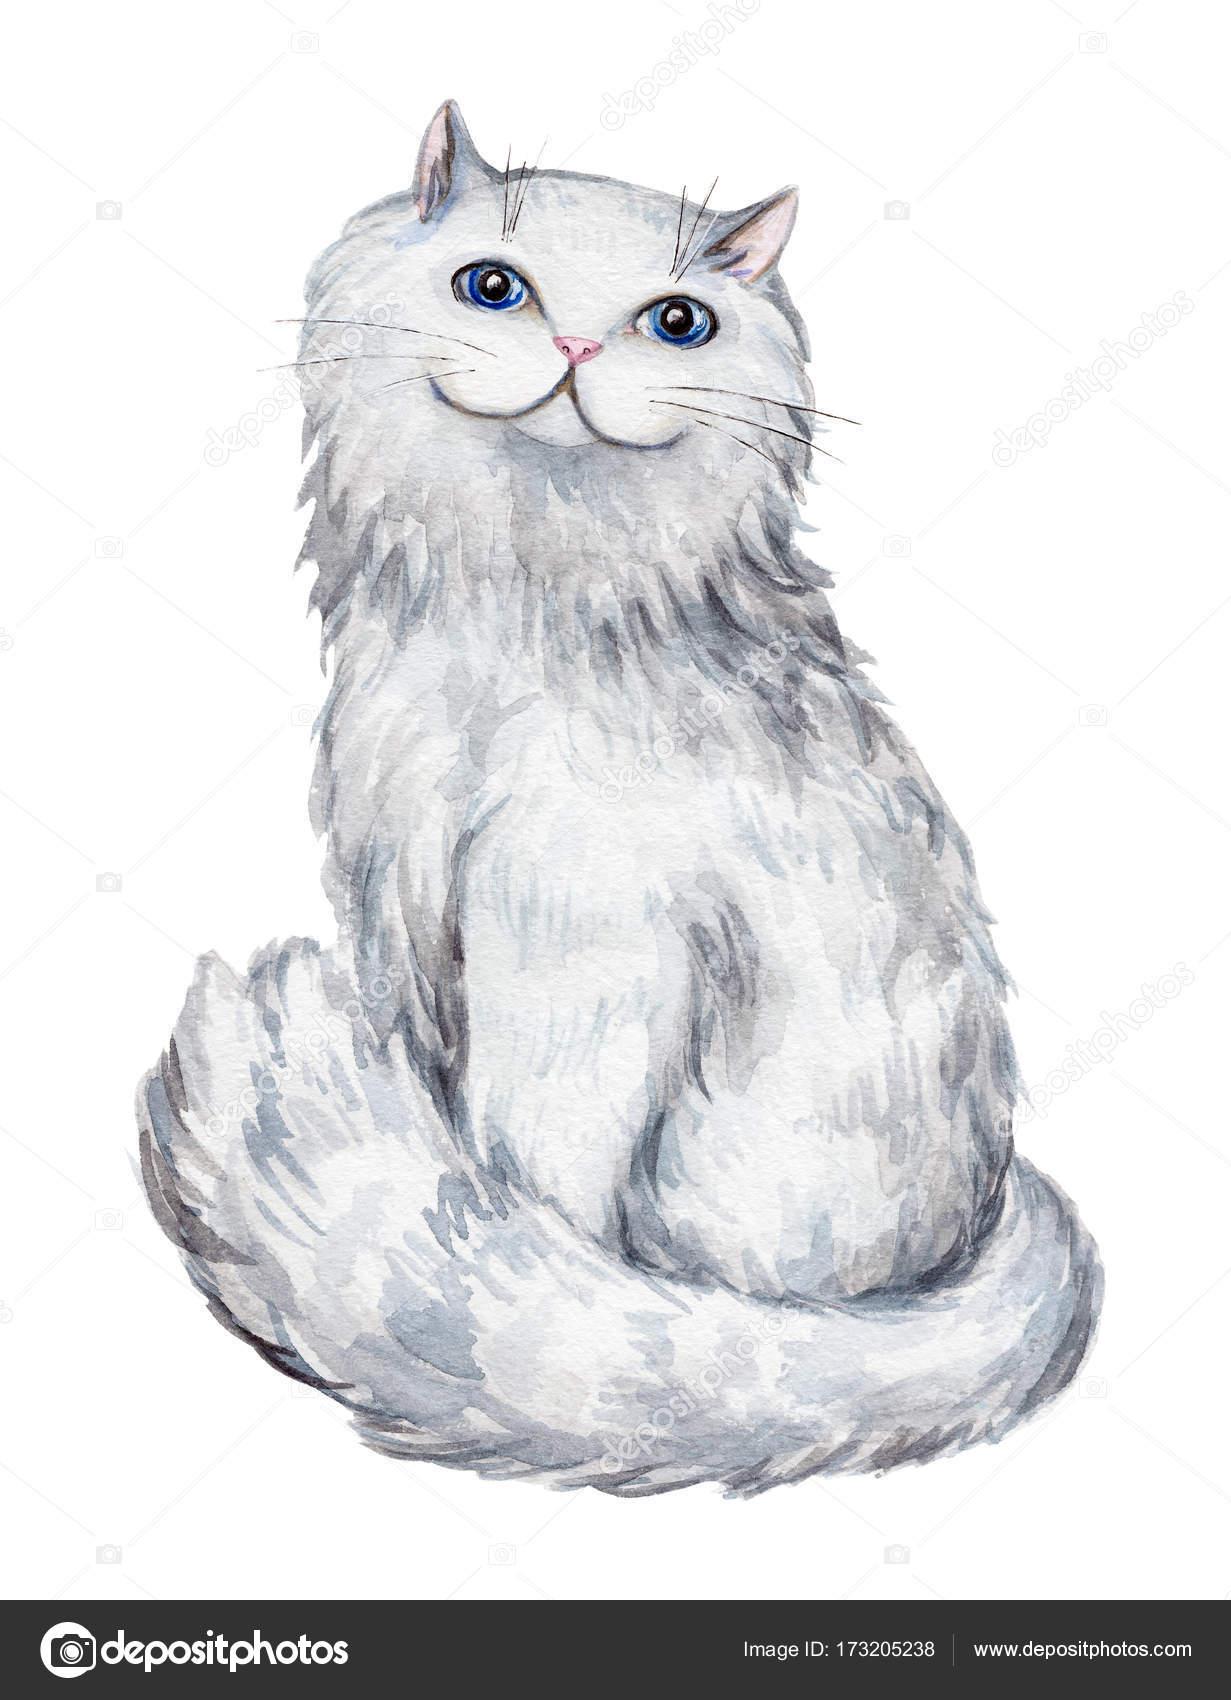 horké bílé kočička fotky obrázky velké černé monstrum kohouty